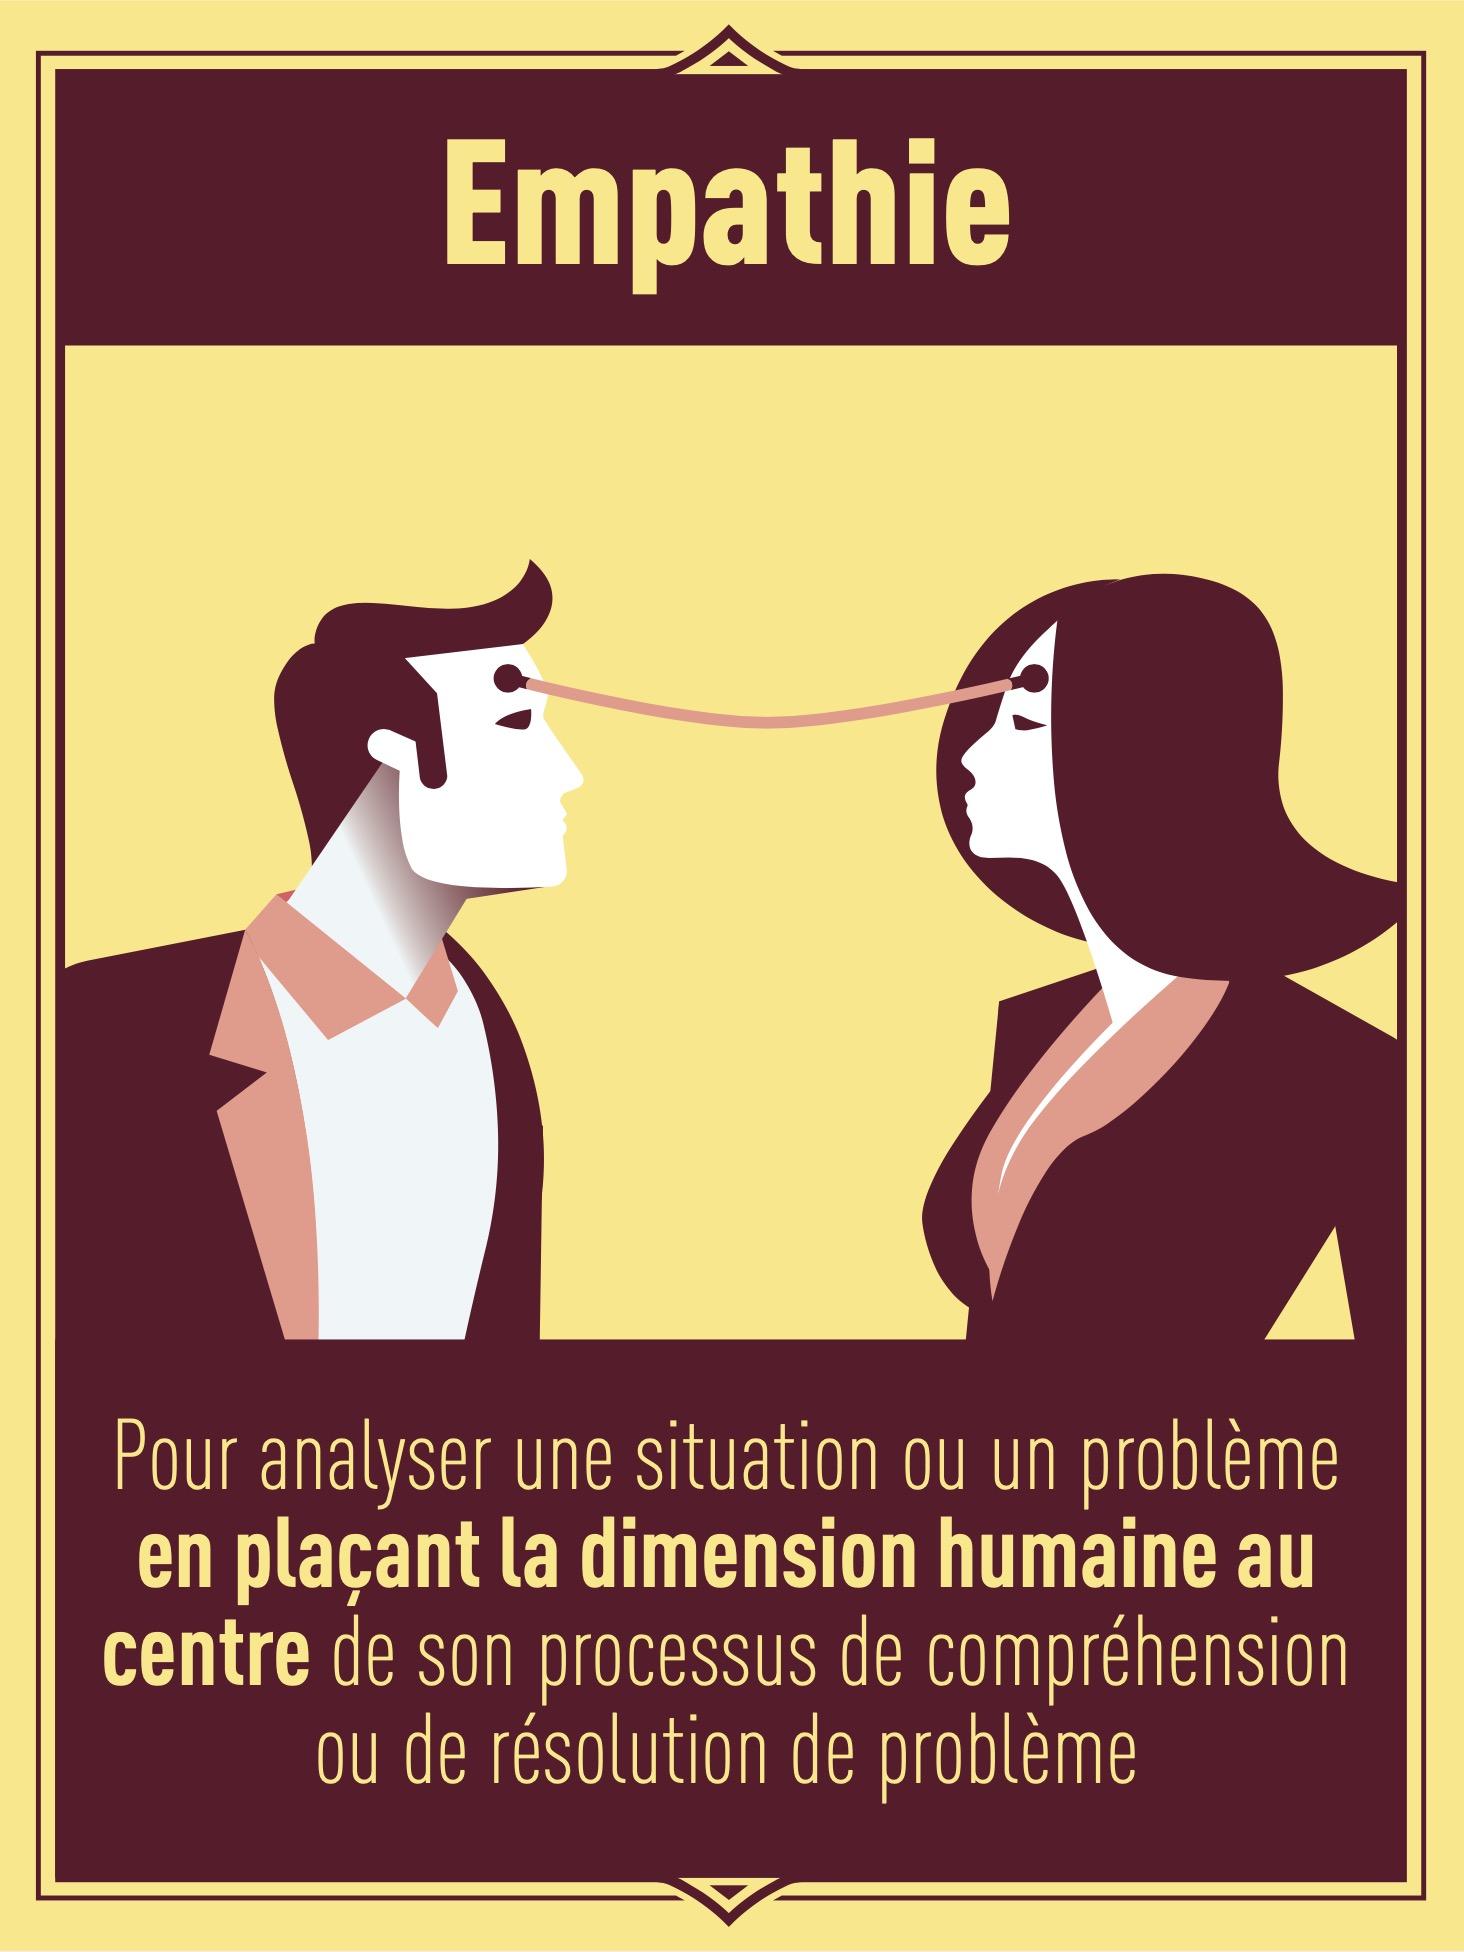 Empathie : pour analyser une situation ou un problème en plaçant la dimension humaine au centre de son processus de compréhension ou de résolution de problème